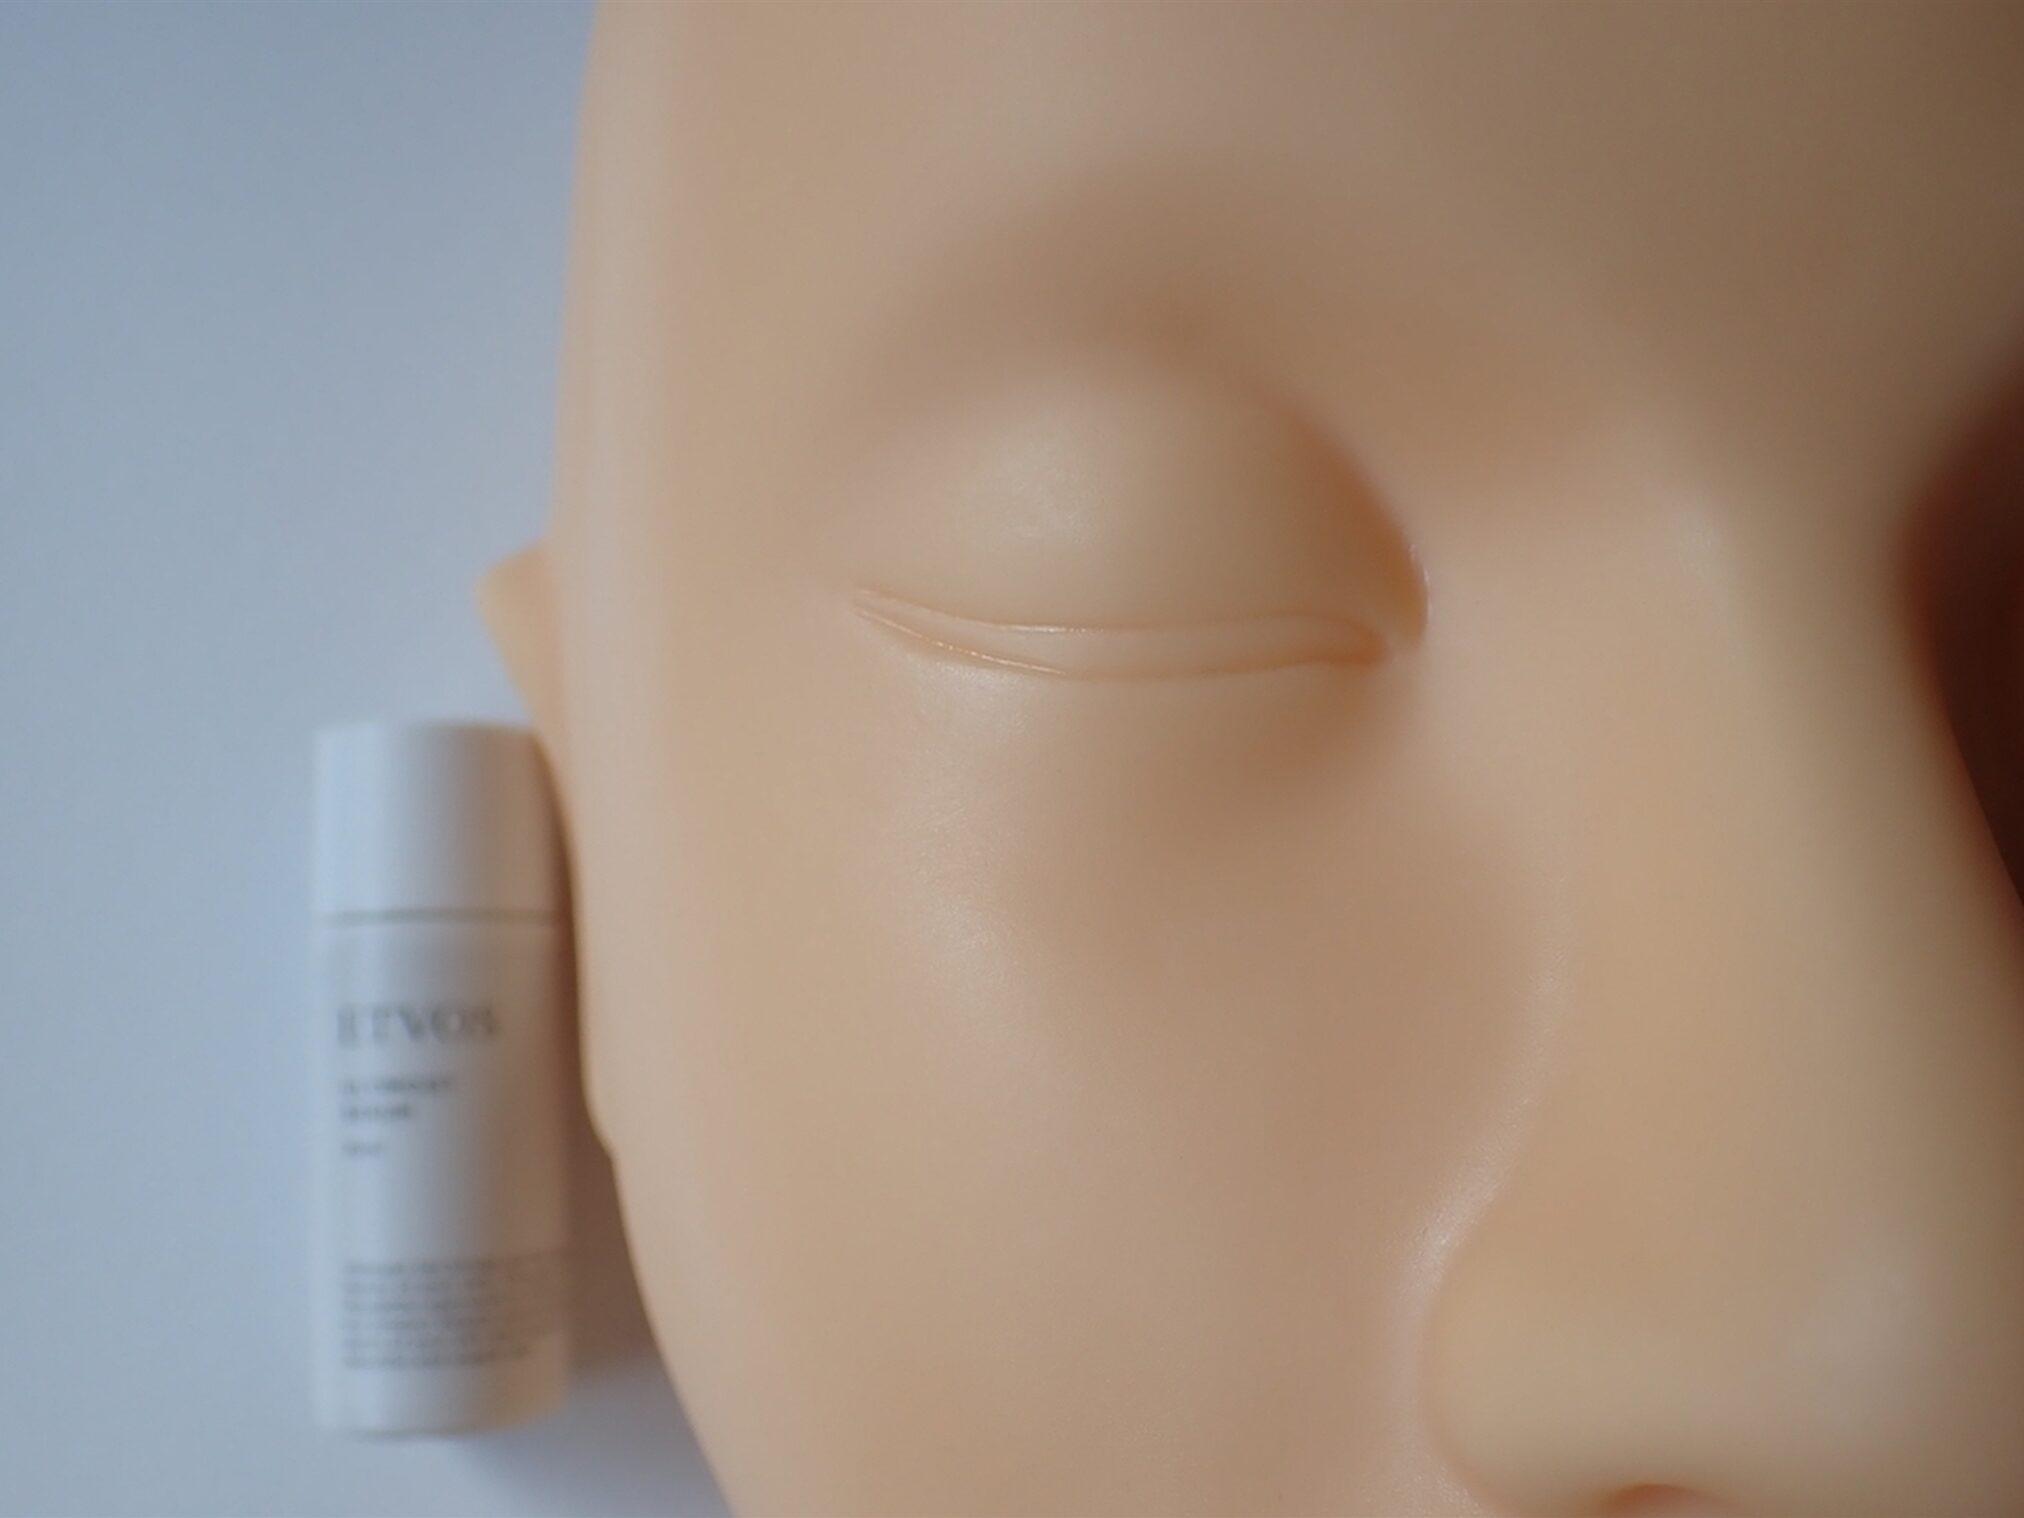 エトヴォス アルティモイスト トライアルキット ETVOS 保湿美容液 アルティモイストセラム 20ml もっちりサラッと馴染んで乳液として蓋の役割もこなしてくれます